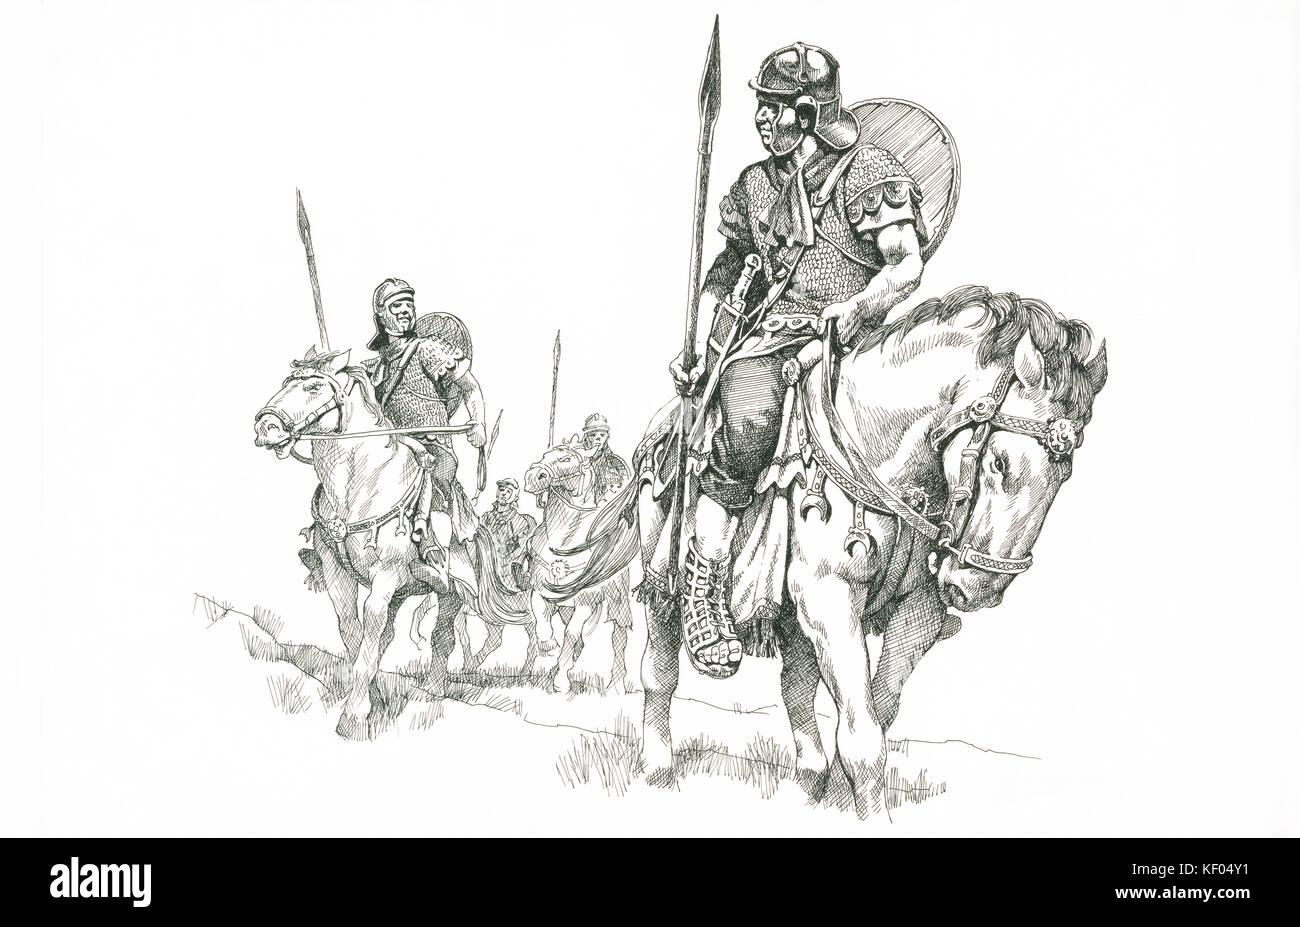 adriano desenho de linha de reconstrução dos soldados romanos